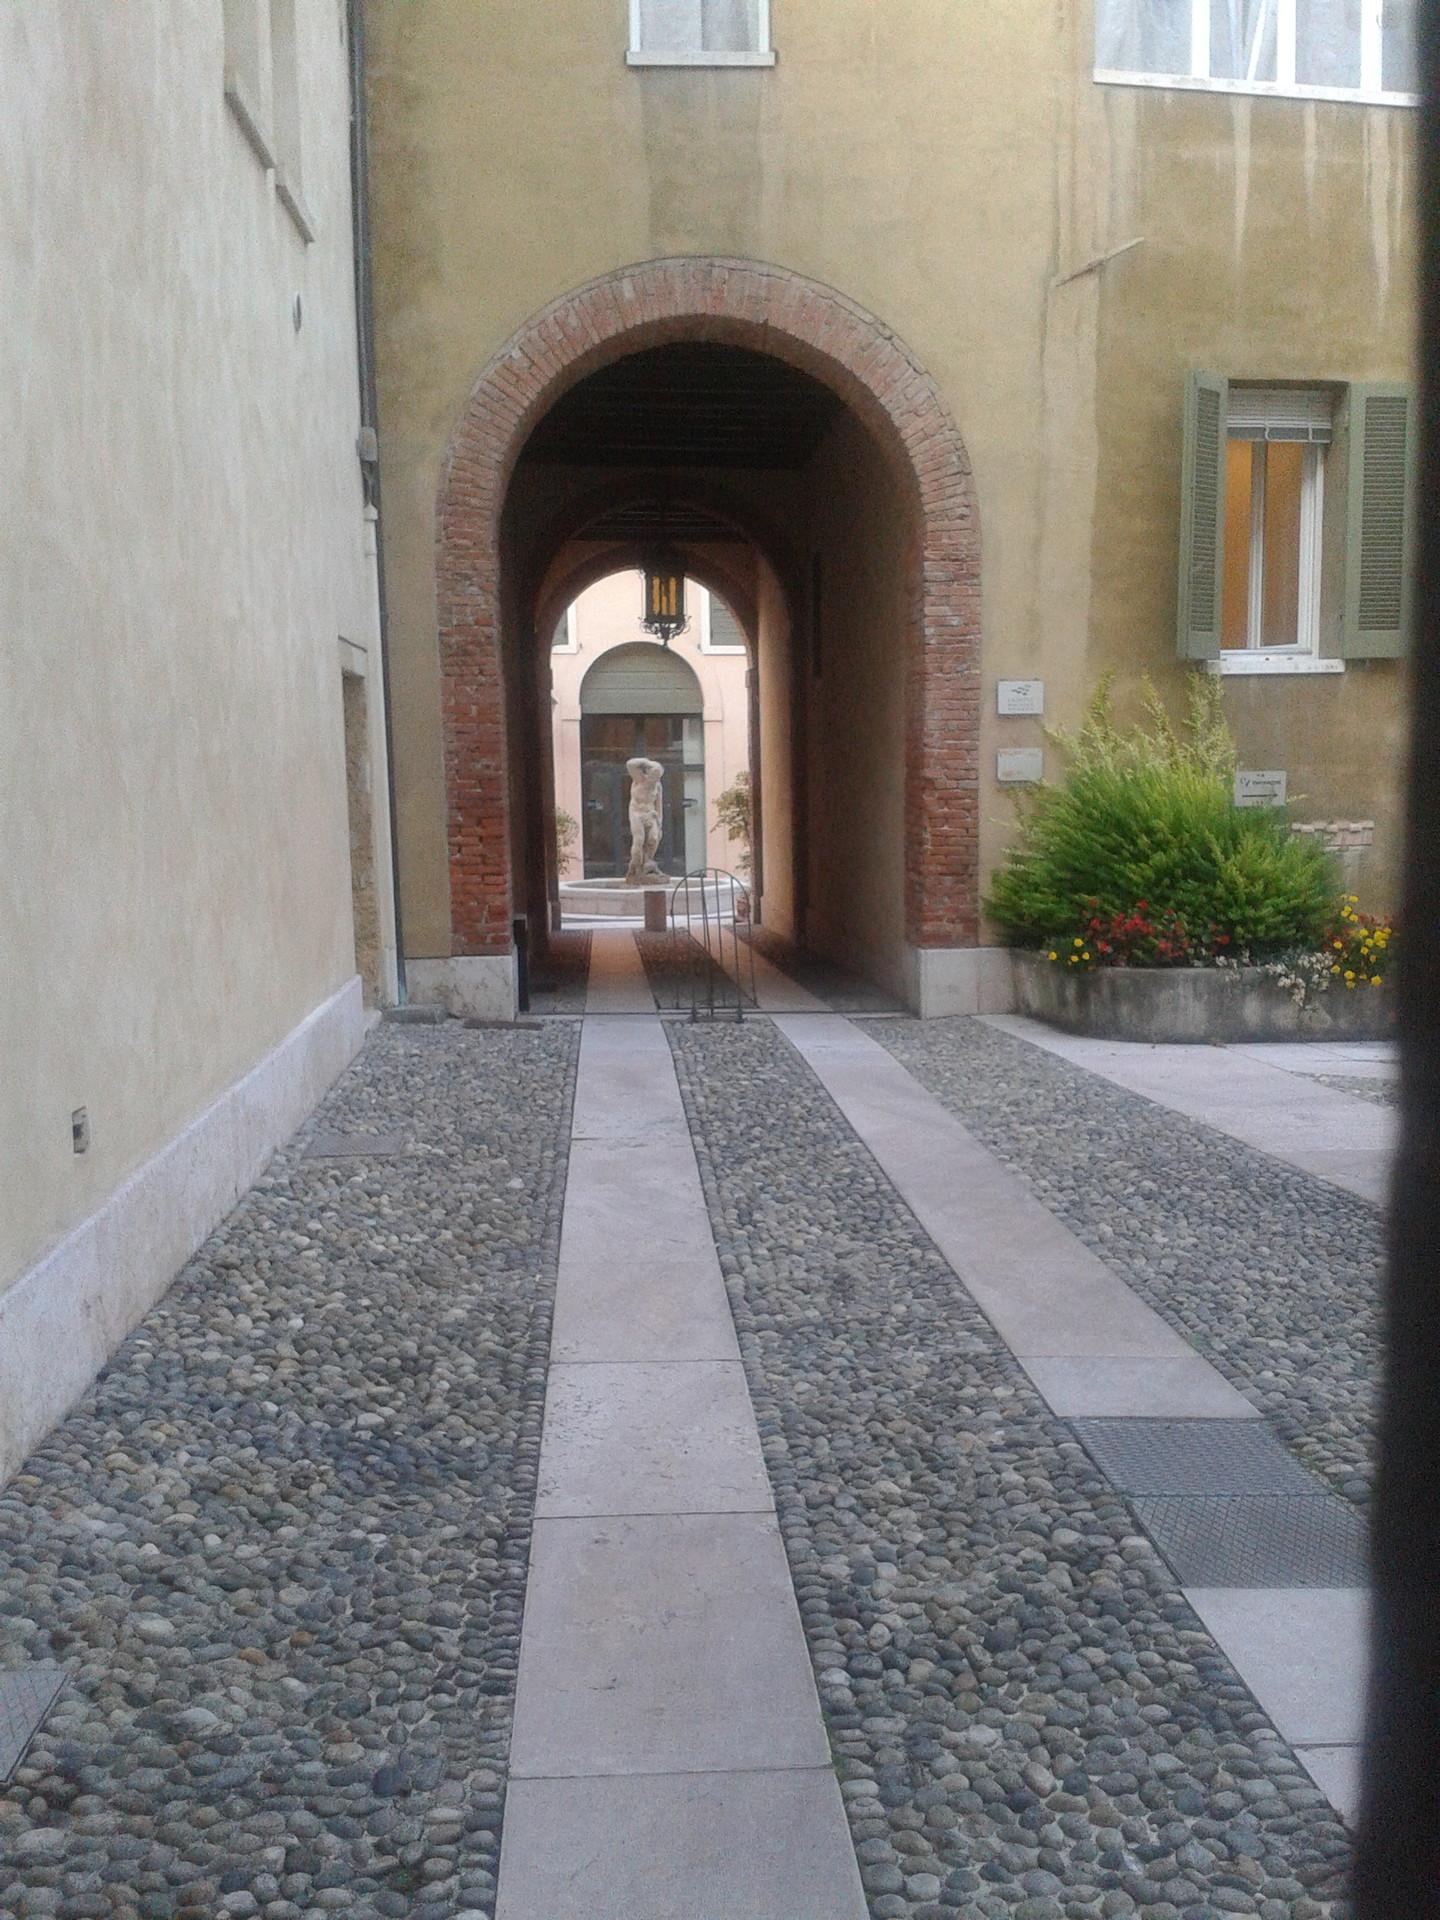 a-passeggio-citta-verona-romanticismo-st